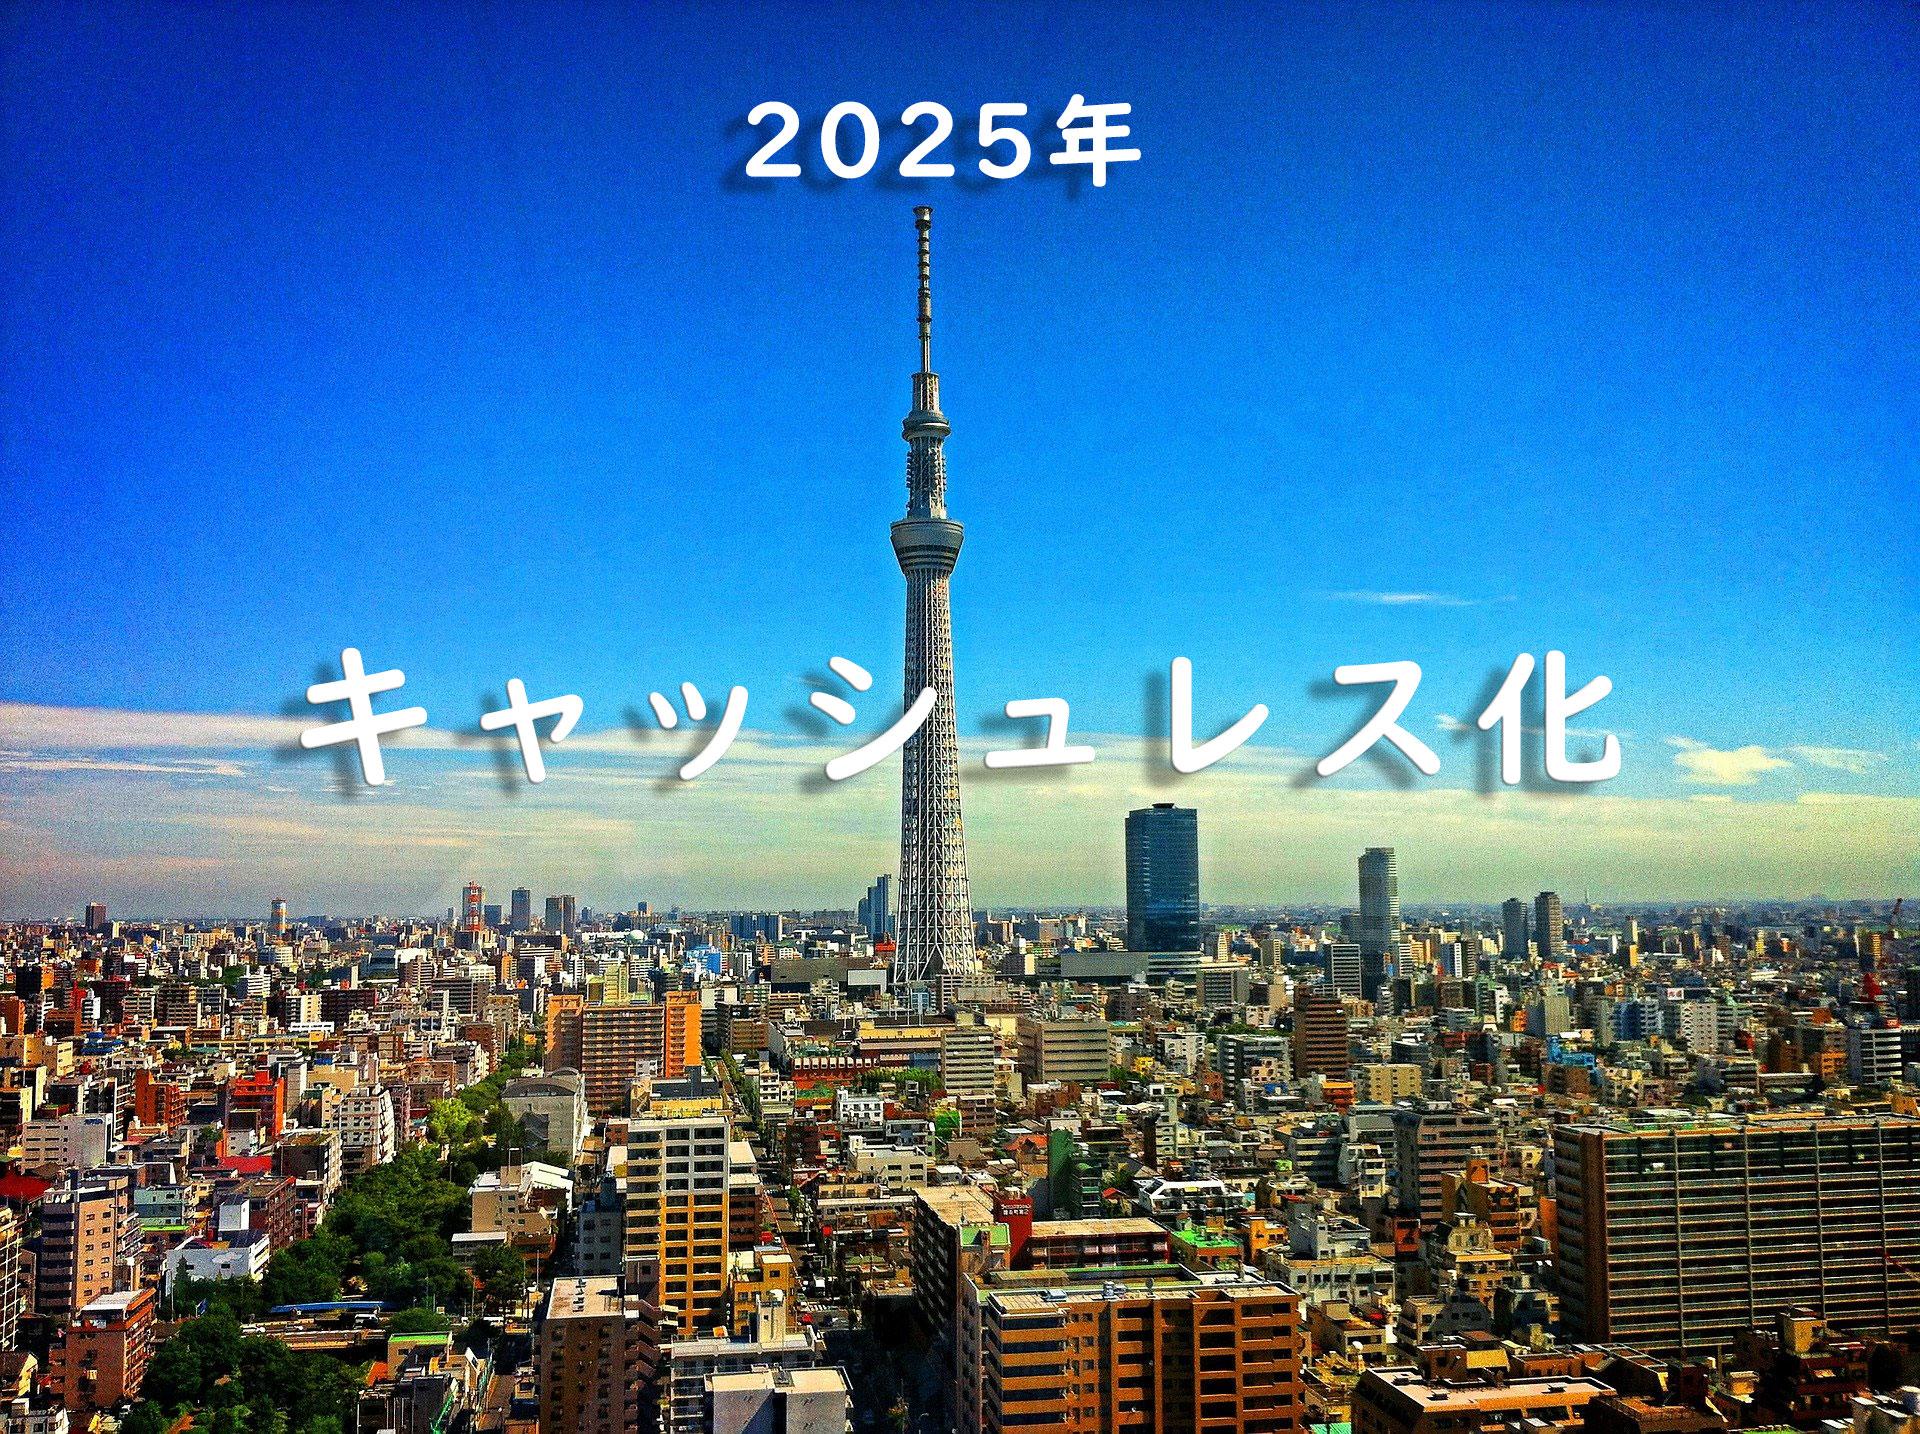 東京都、2025年にキャッシュレス比率50%を目標に!デジタル通貨「東京ユアコイン」発行!